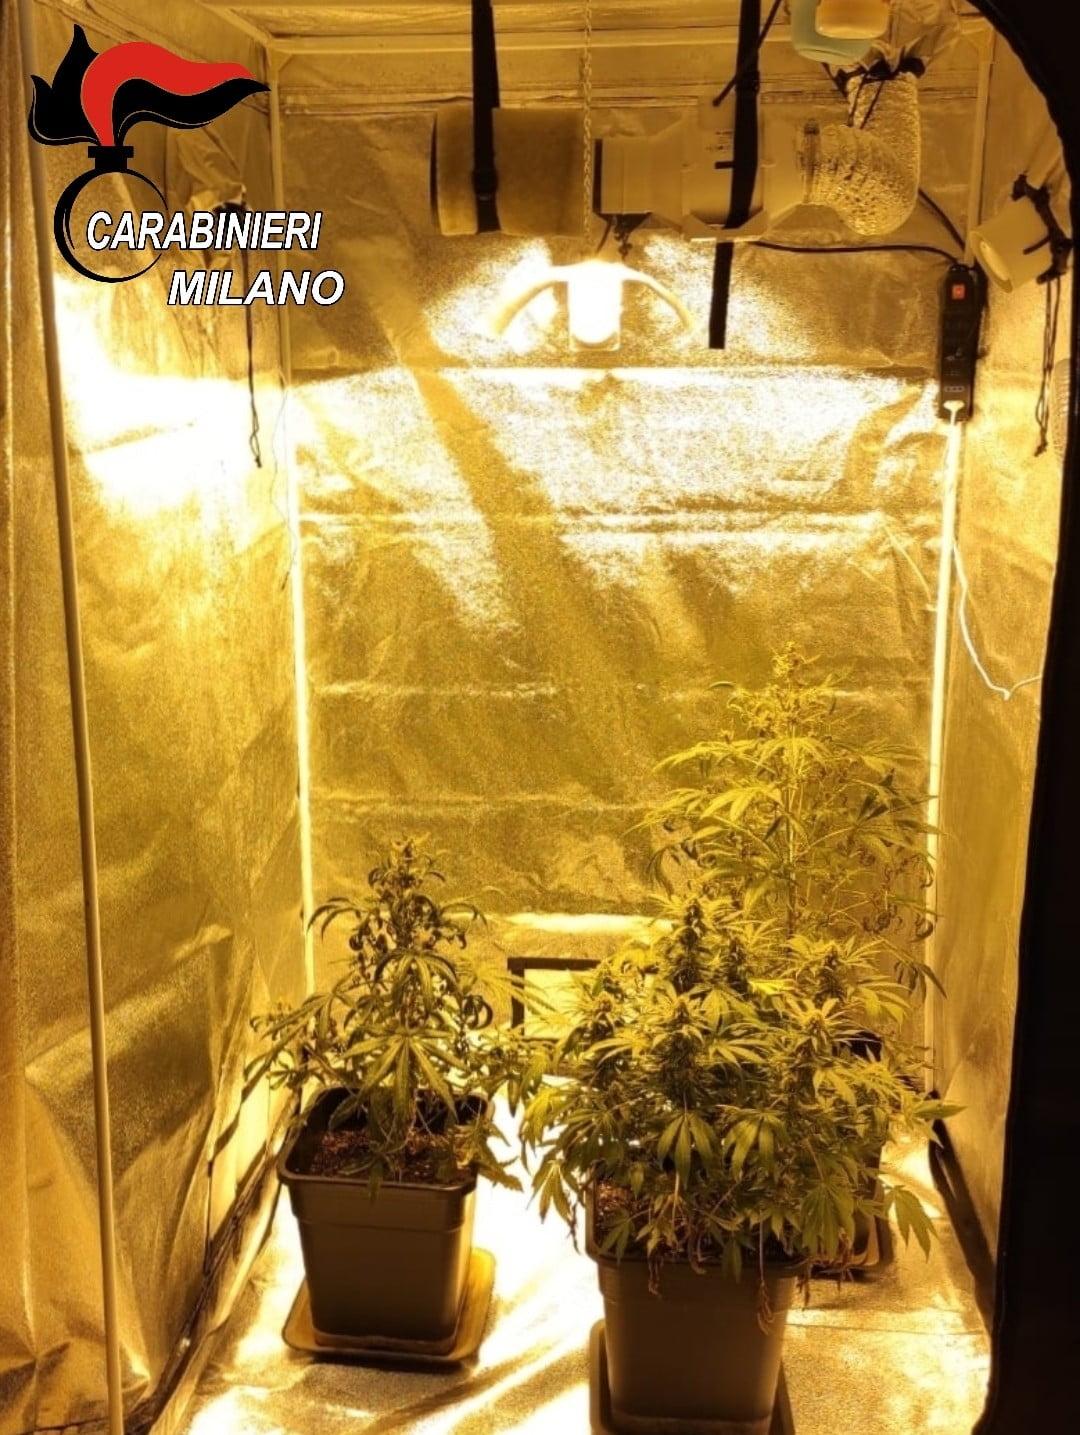 marijuana Cerro Maggiore - Coltivava marijuana in casa. Arrestato e appartamento sequestrato 10/12/2020